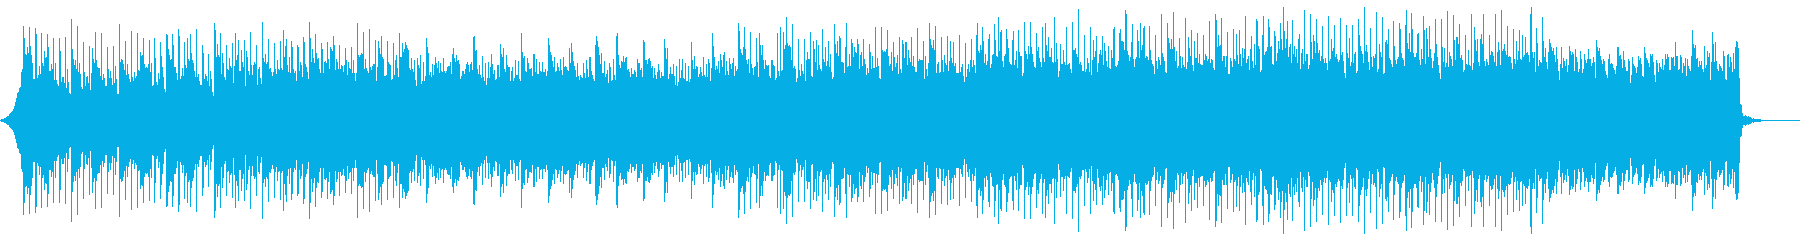 クールな印象のコーポレート/CM/Webの再生済みの波形